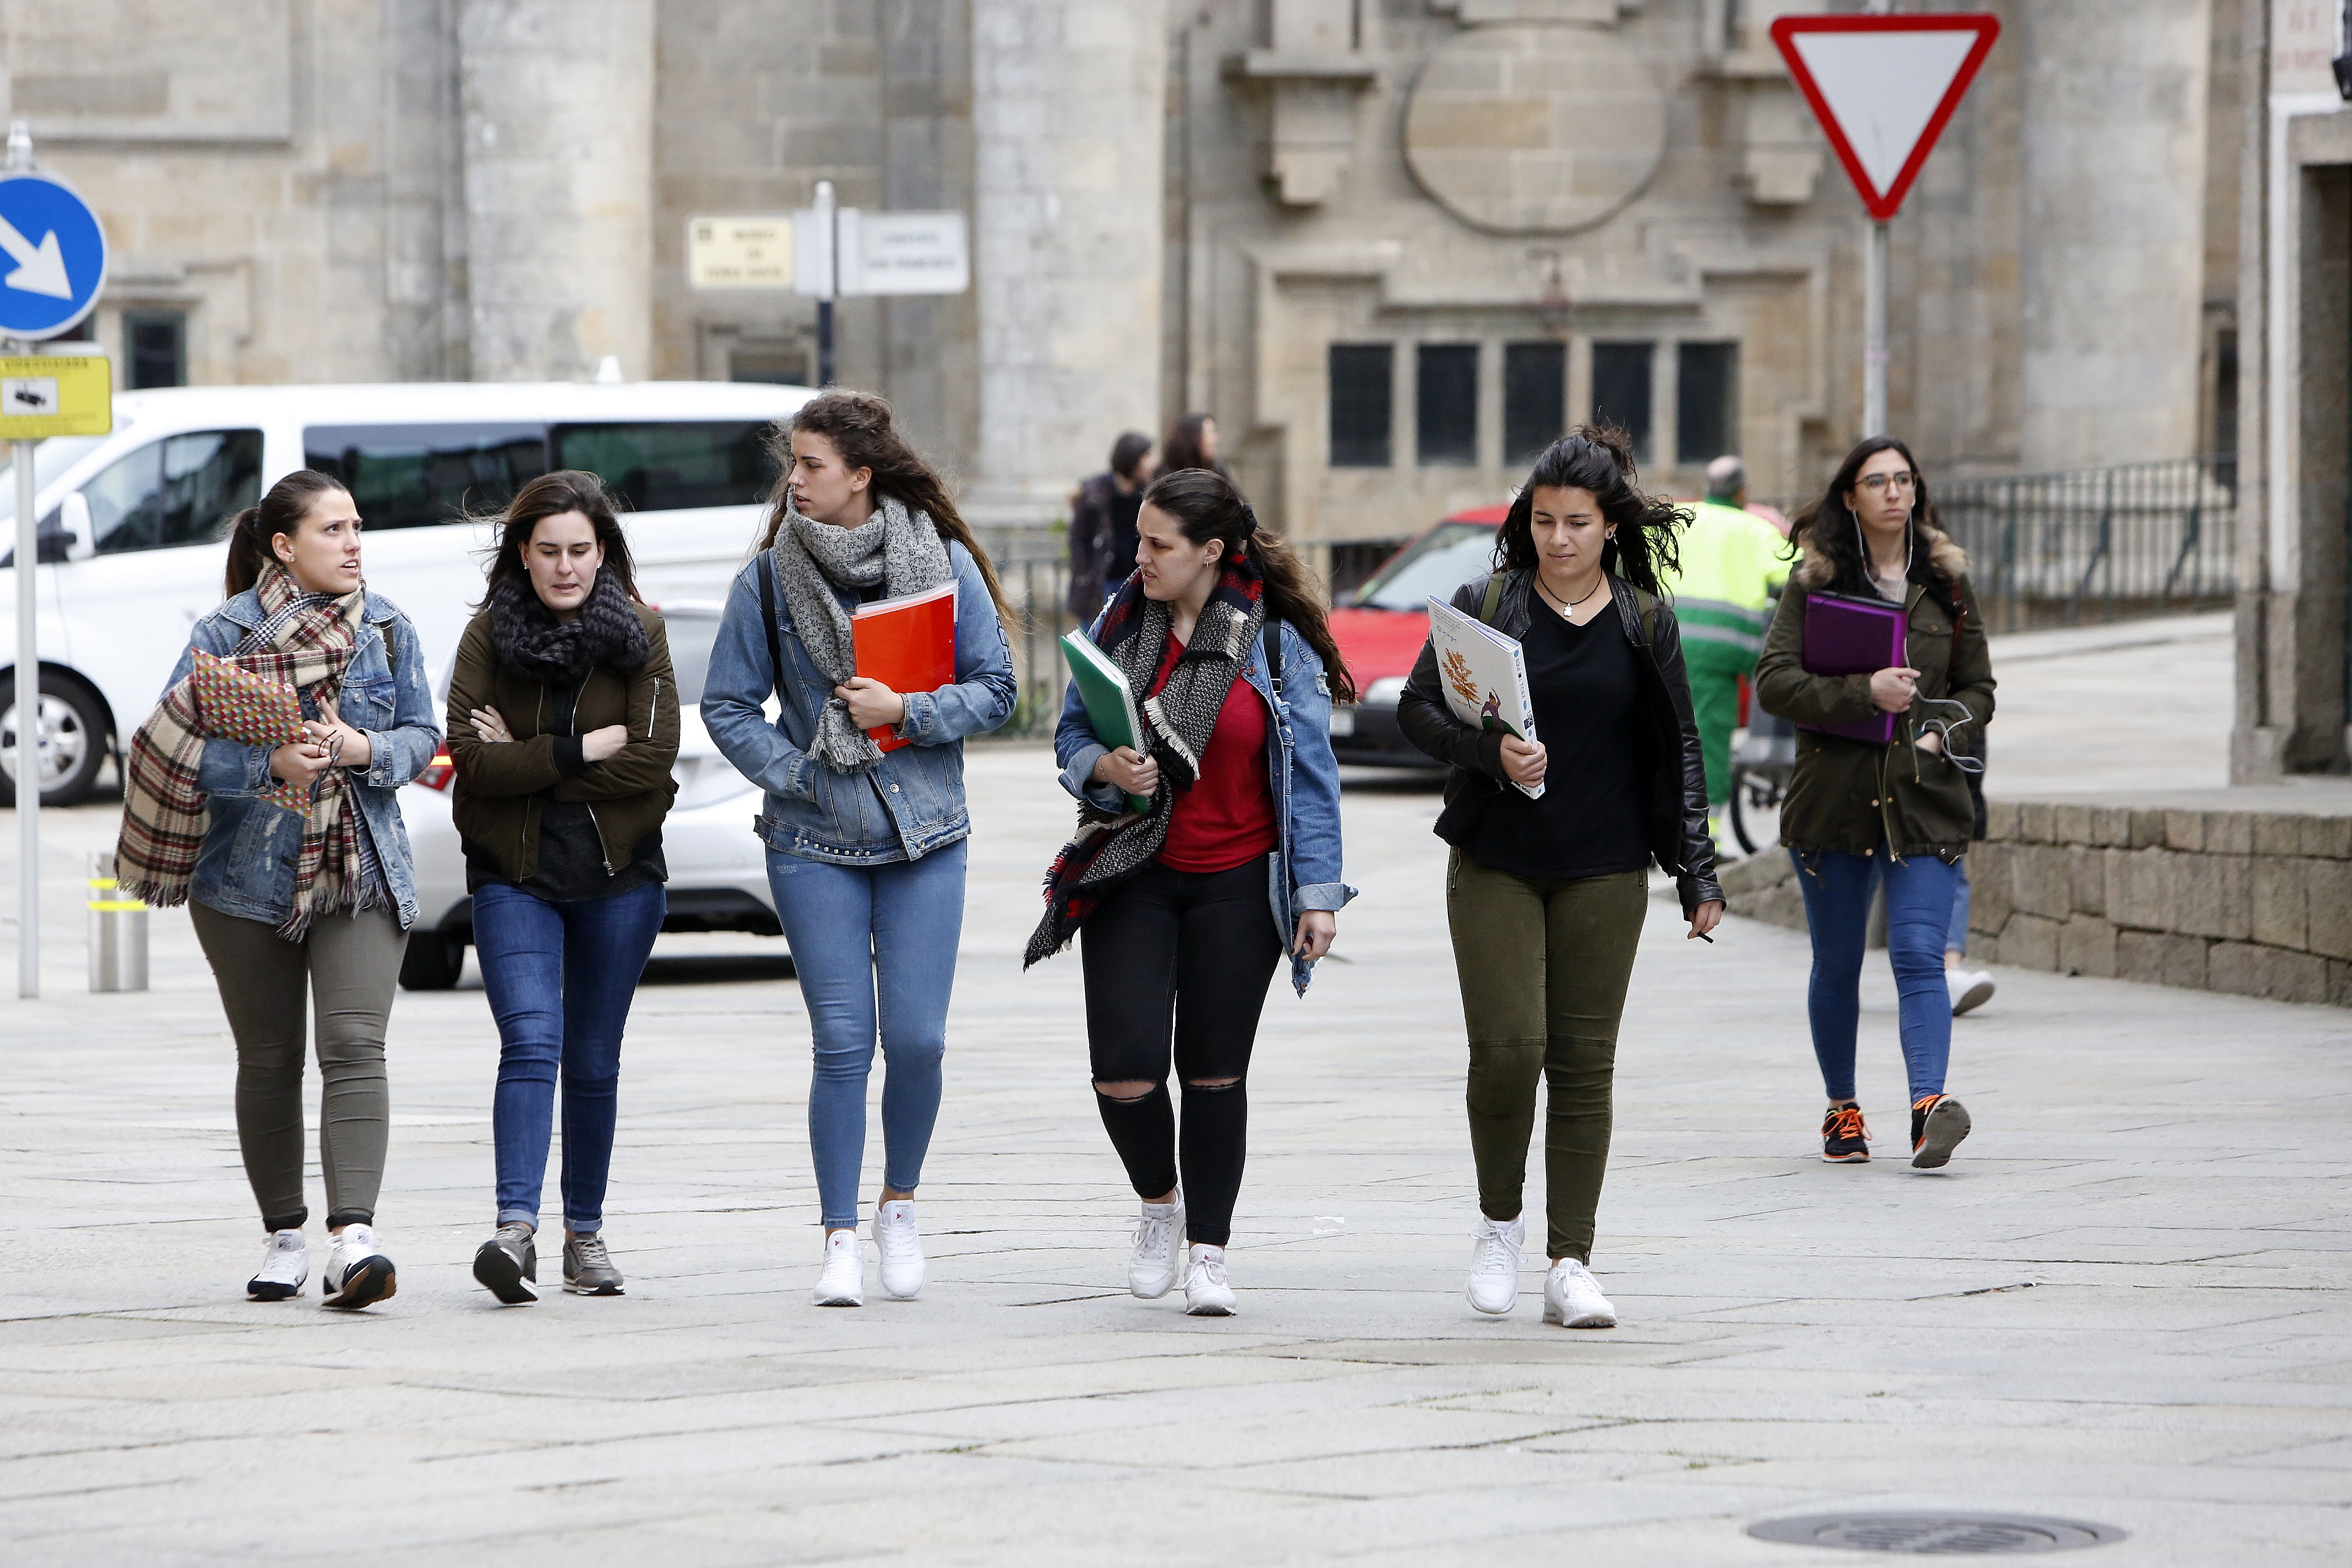 Un grupo de universitarias camino a la facultad - FOTO: ANTONIO HERNÁNDEZ